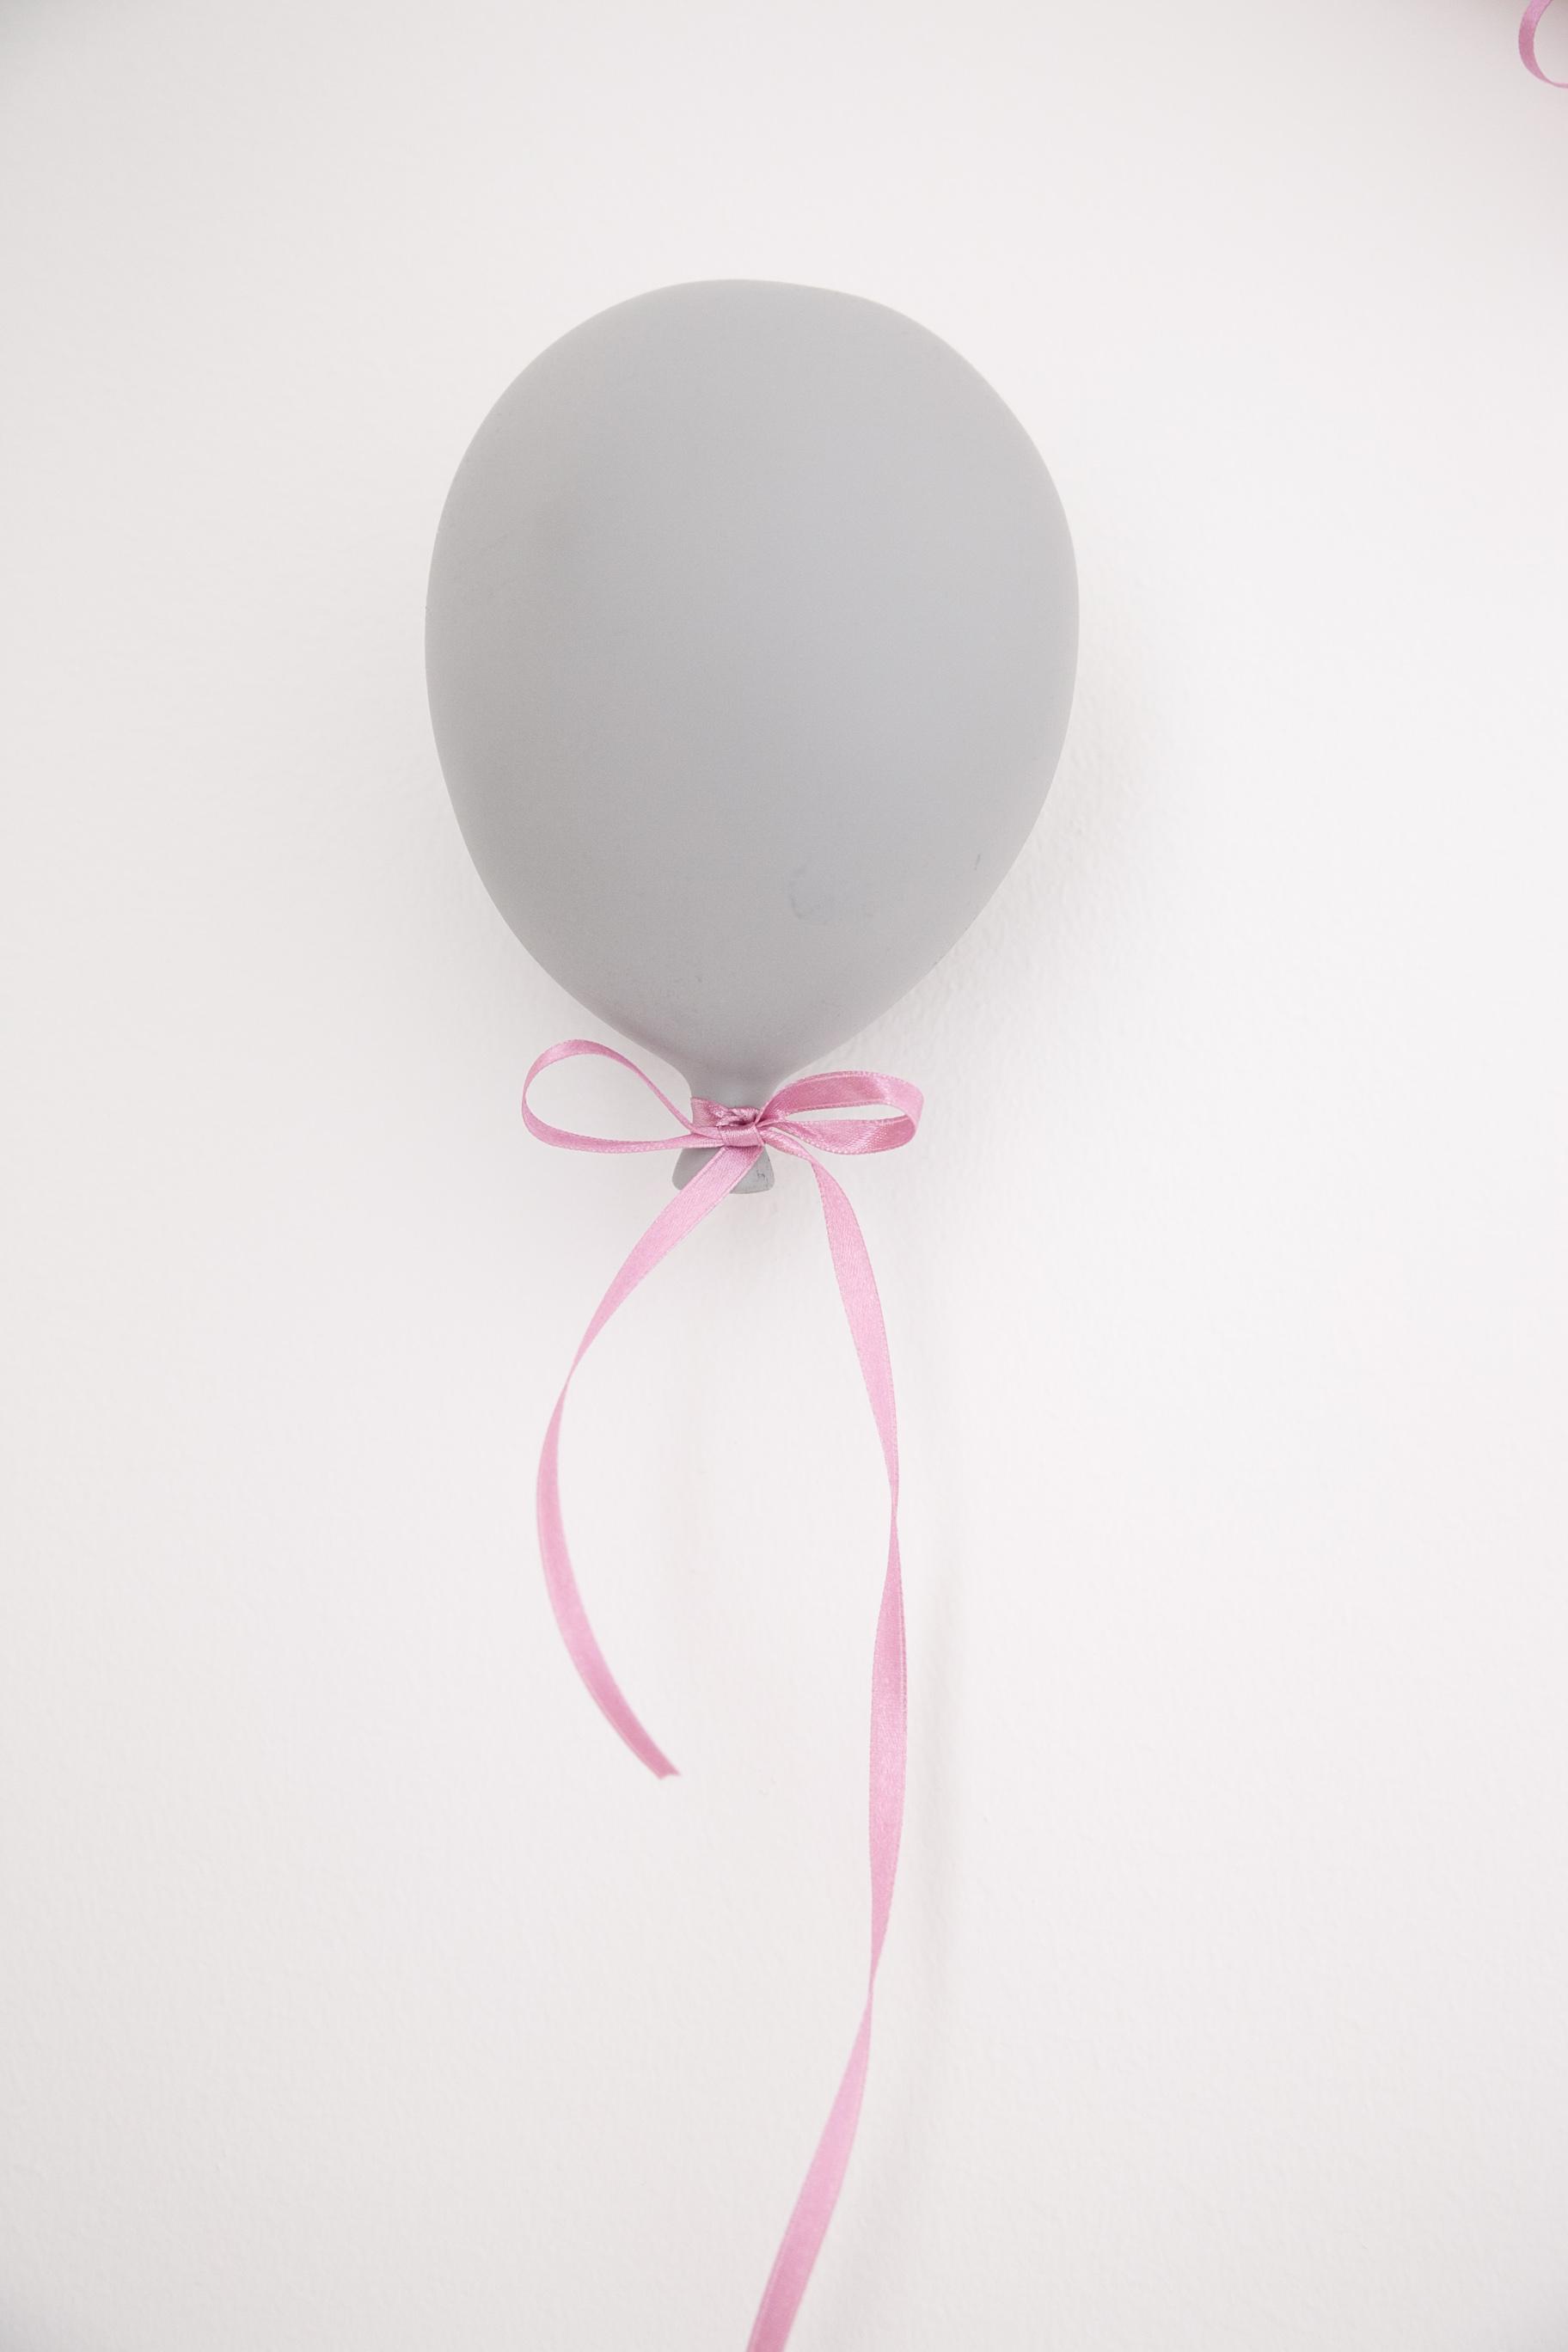 ByOn ballonger dekorationer barnrum inredning.jpg